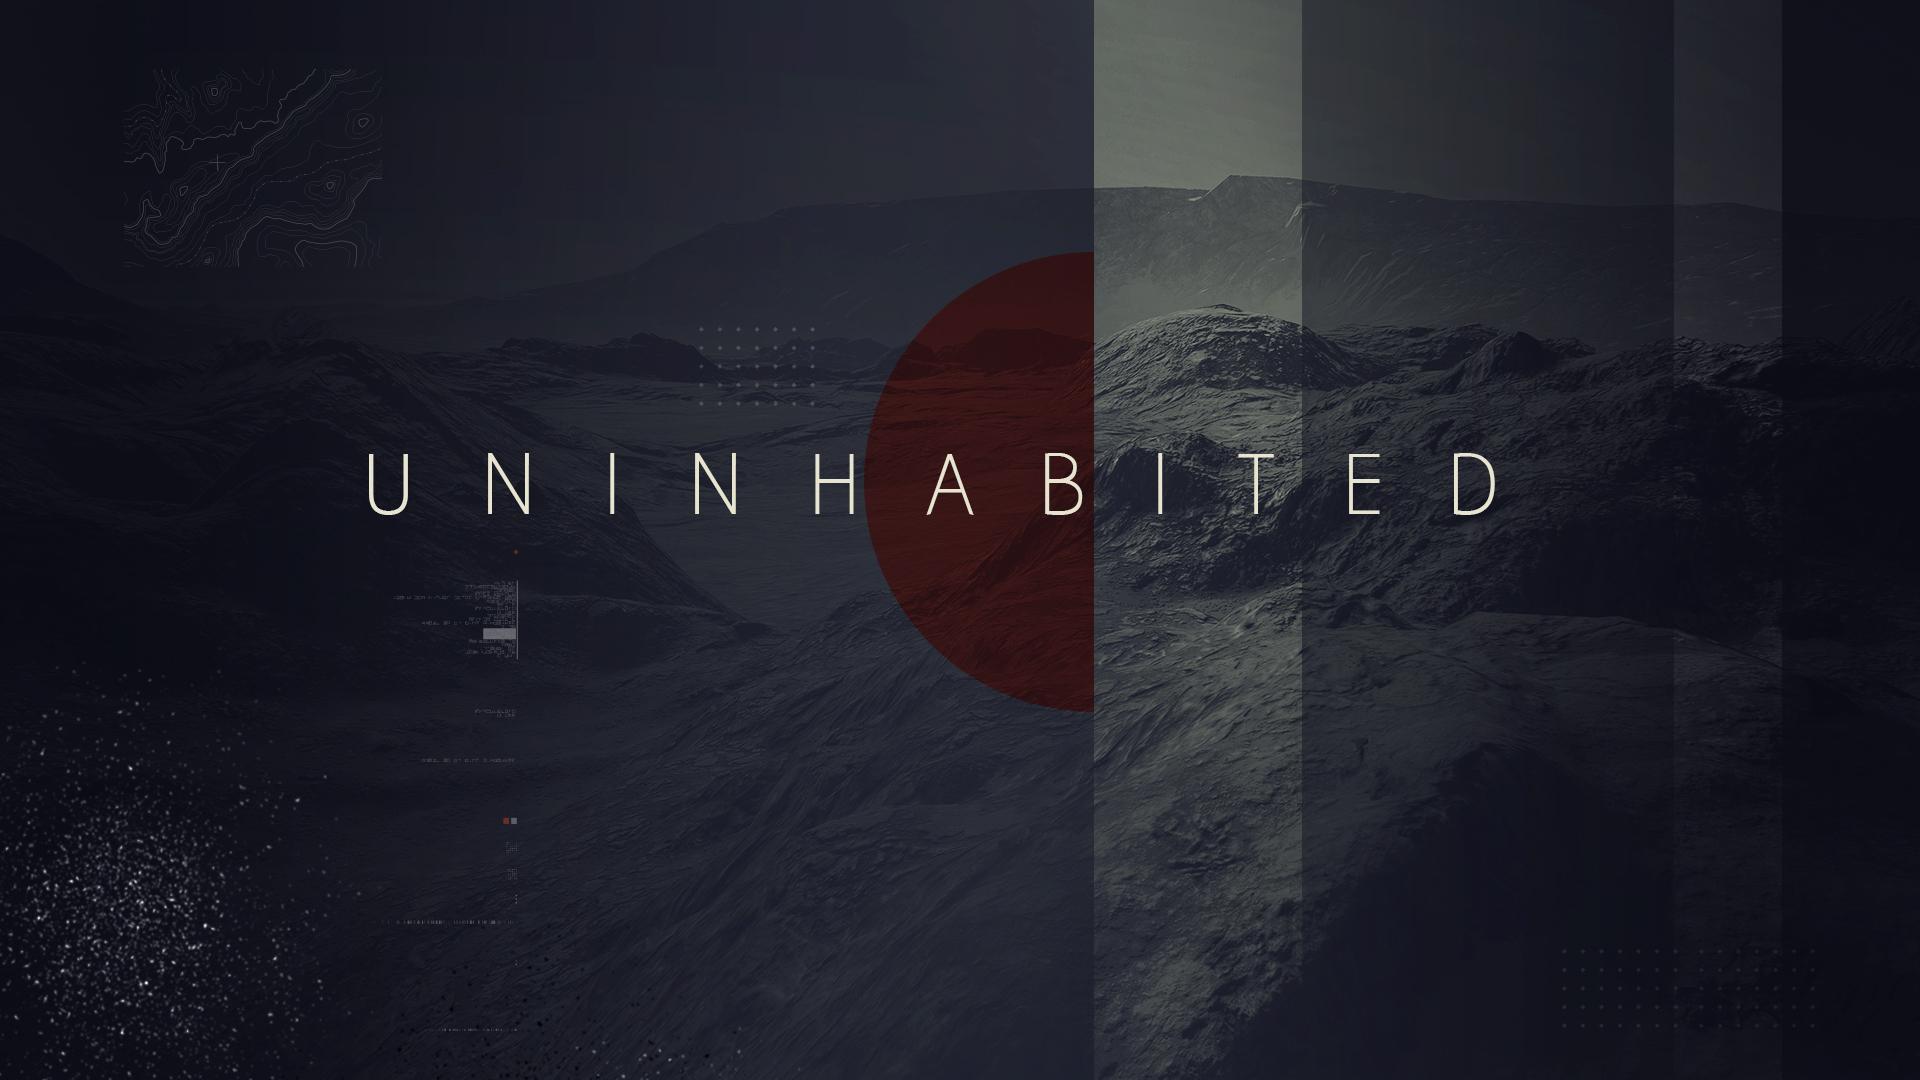 uninhabited-landscape-shot-of-mars.jpg